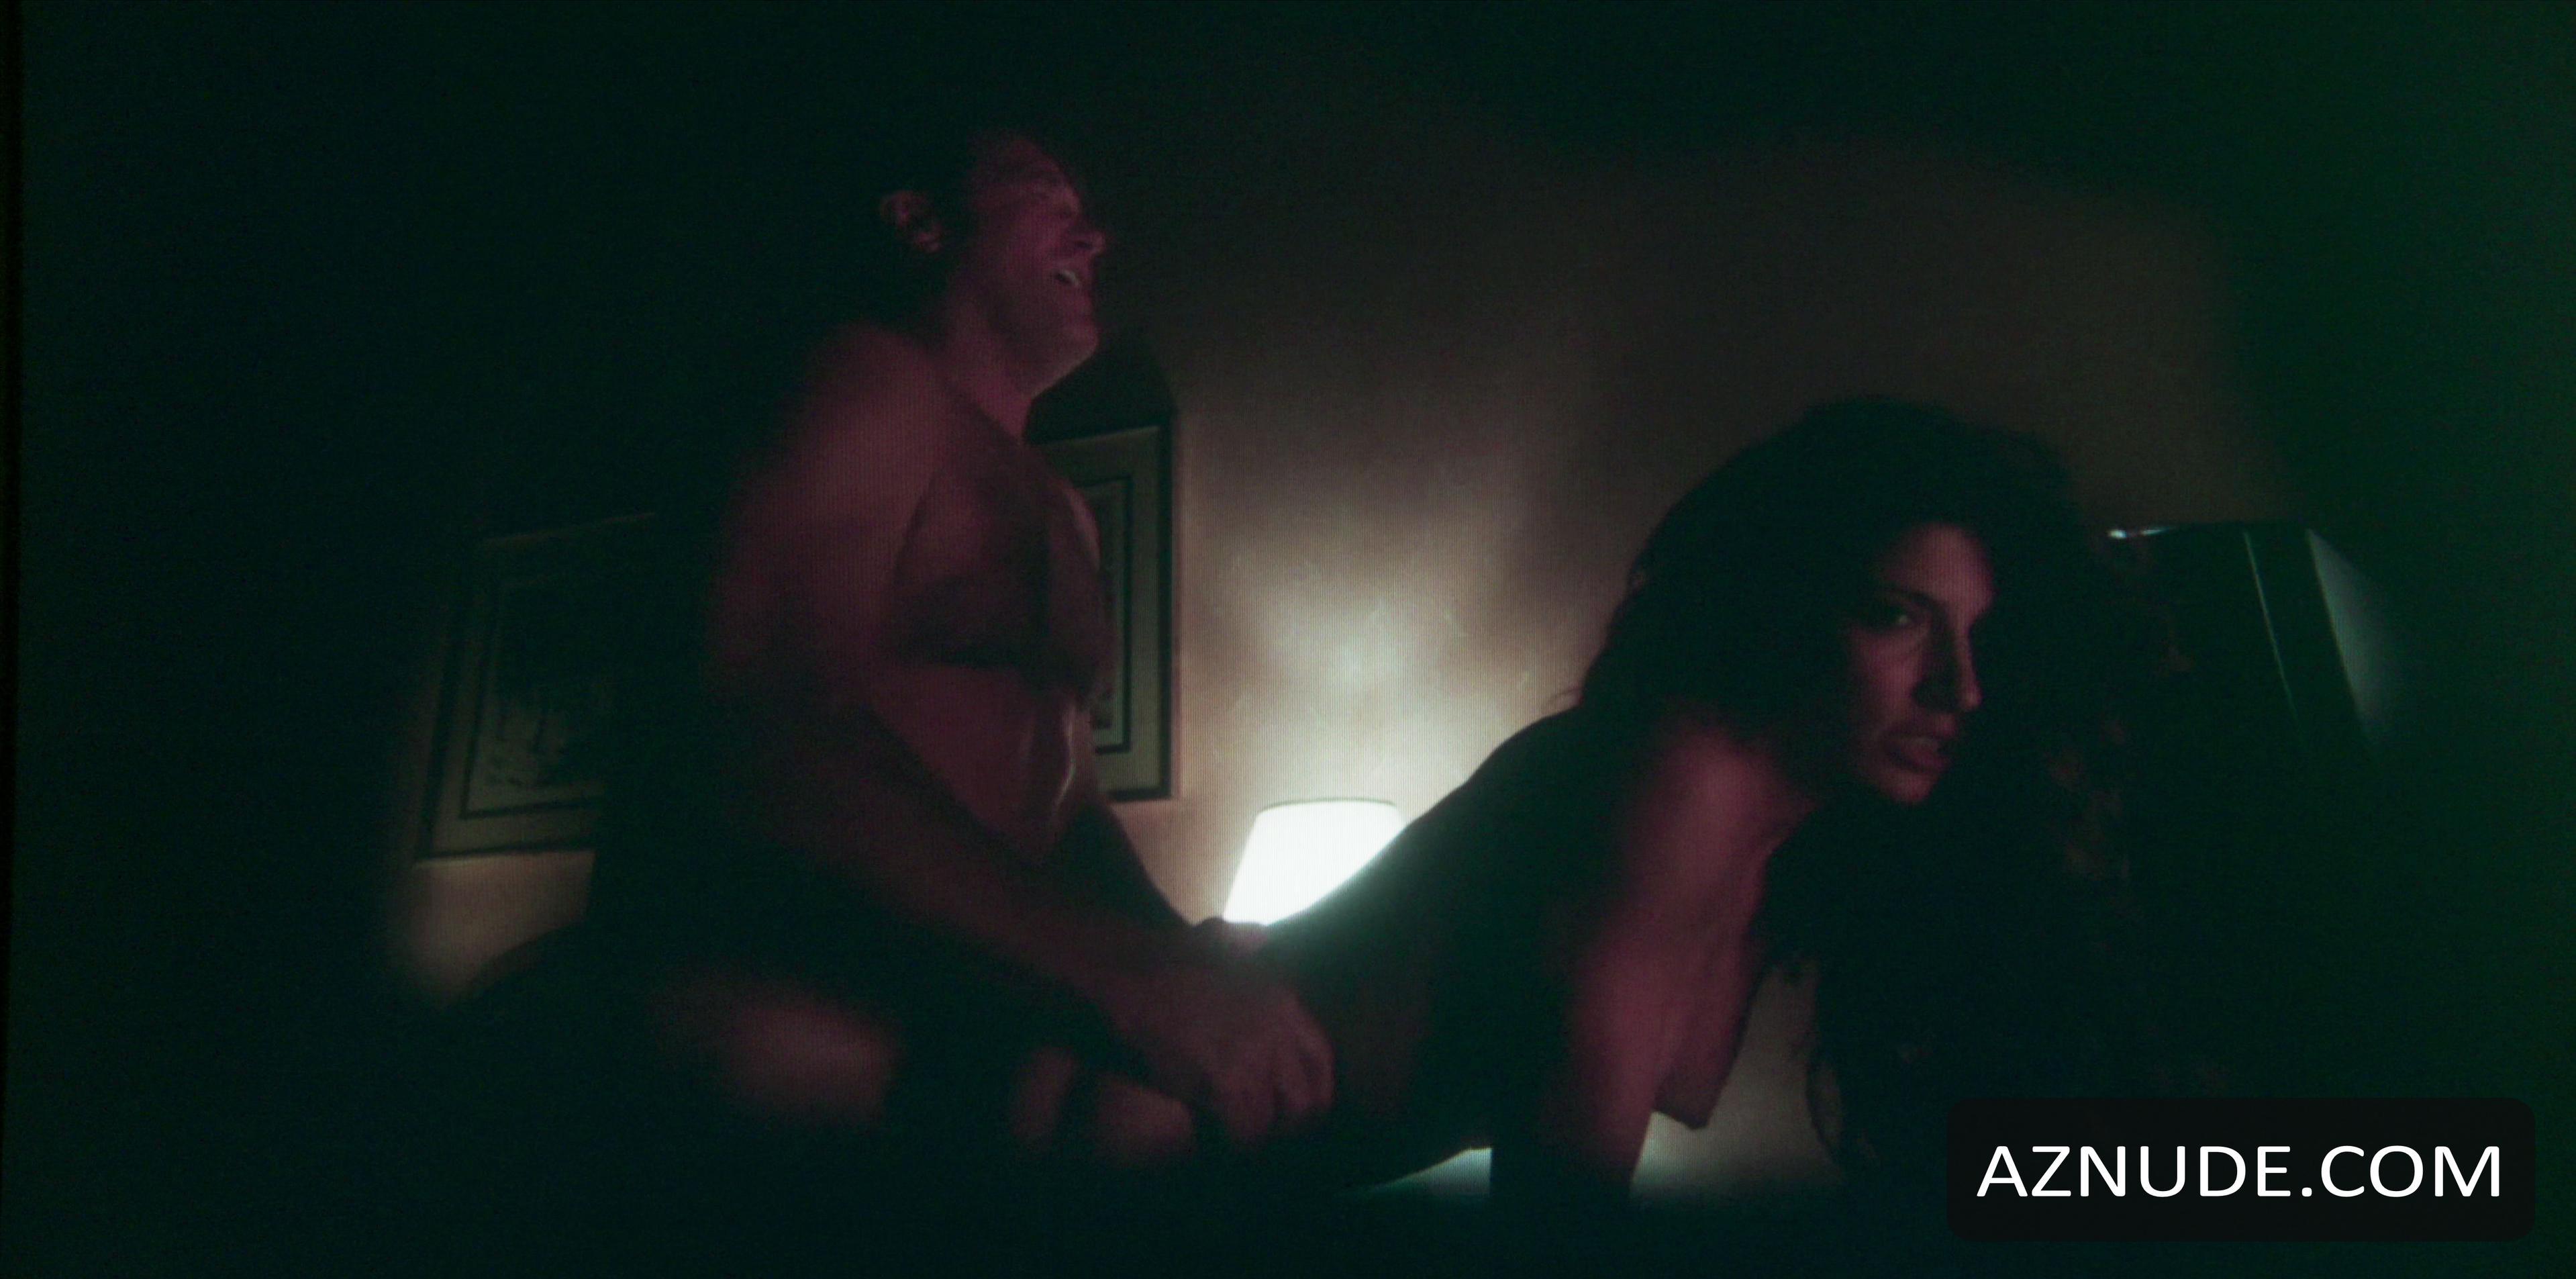 raymonde nude Tania